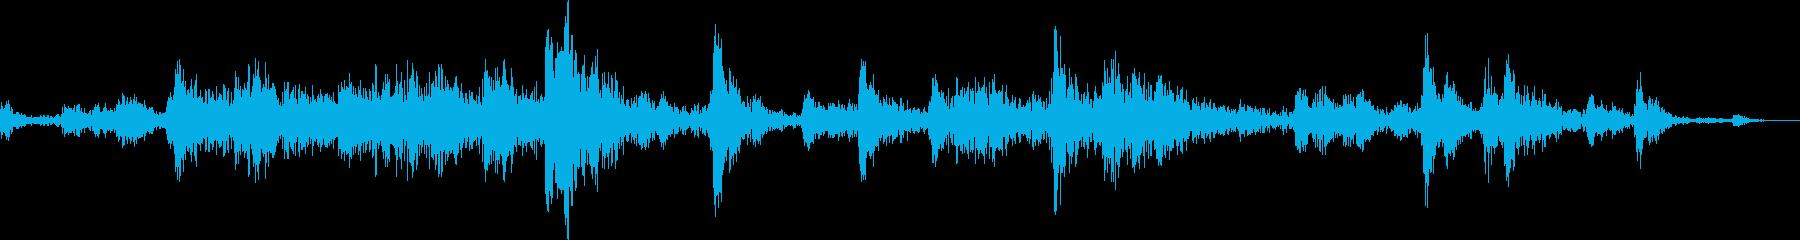 引き戸を開ける音(ガラガラ)の再生済みの波形